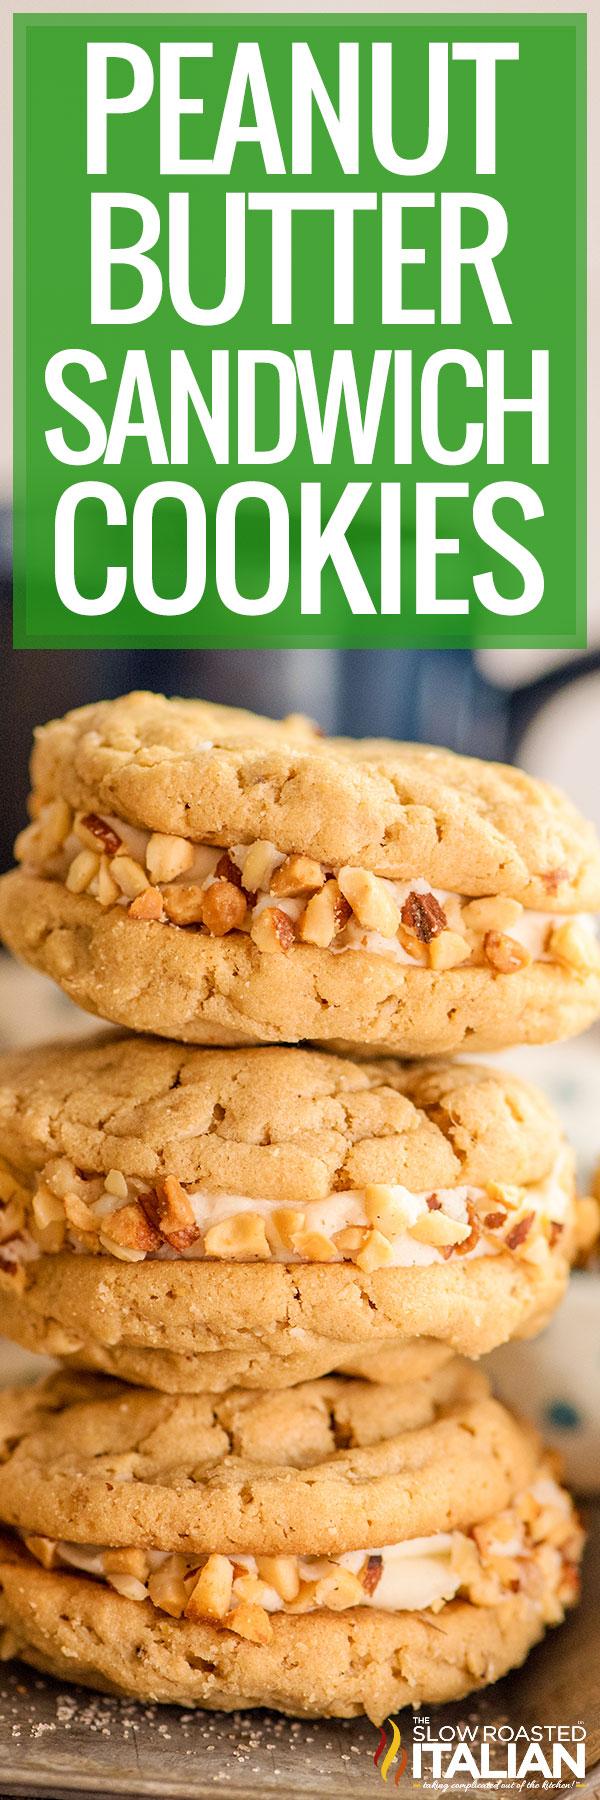 Peanut Butter Sandwich Cookies closeup